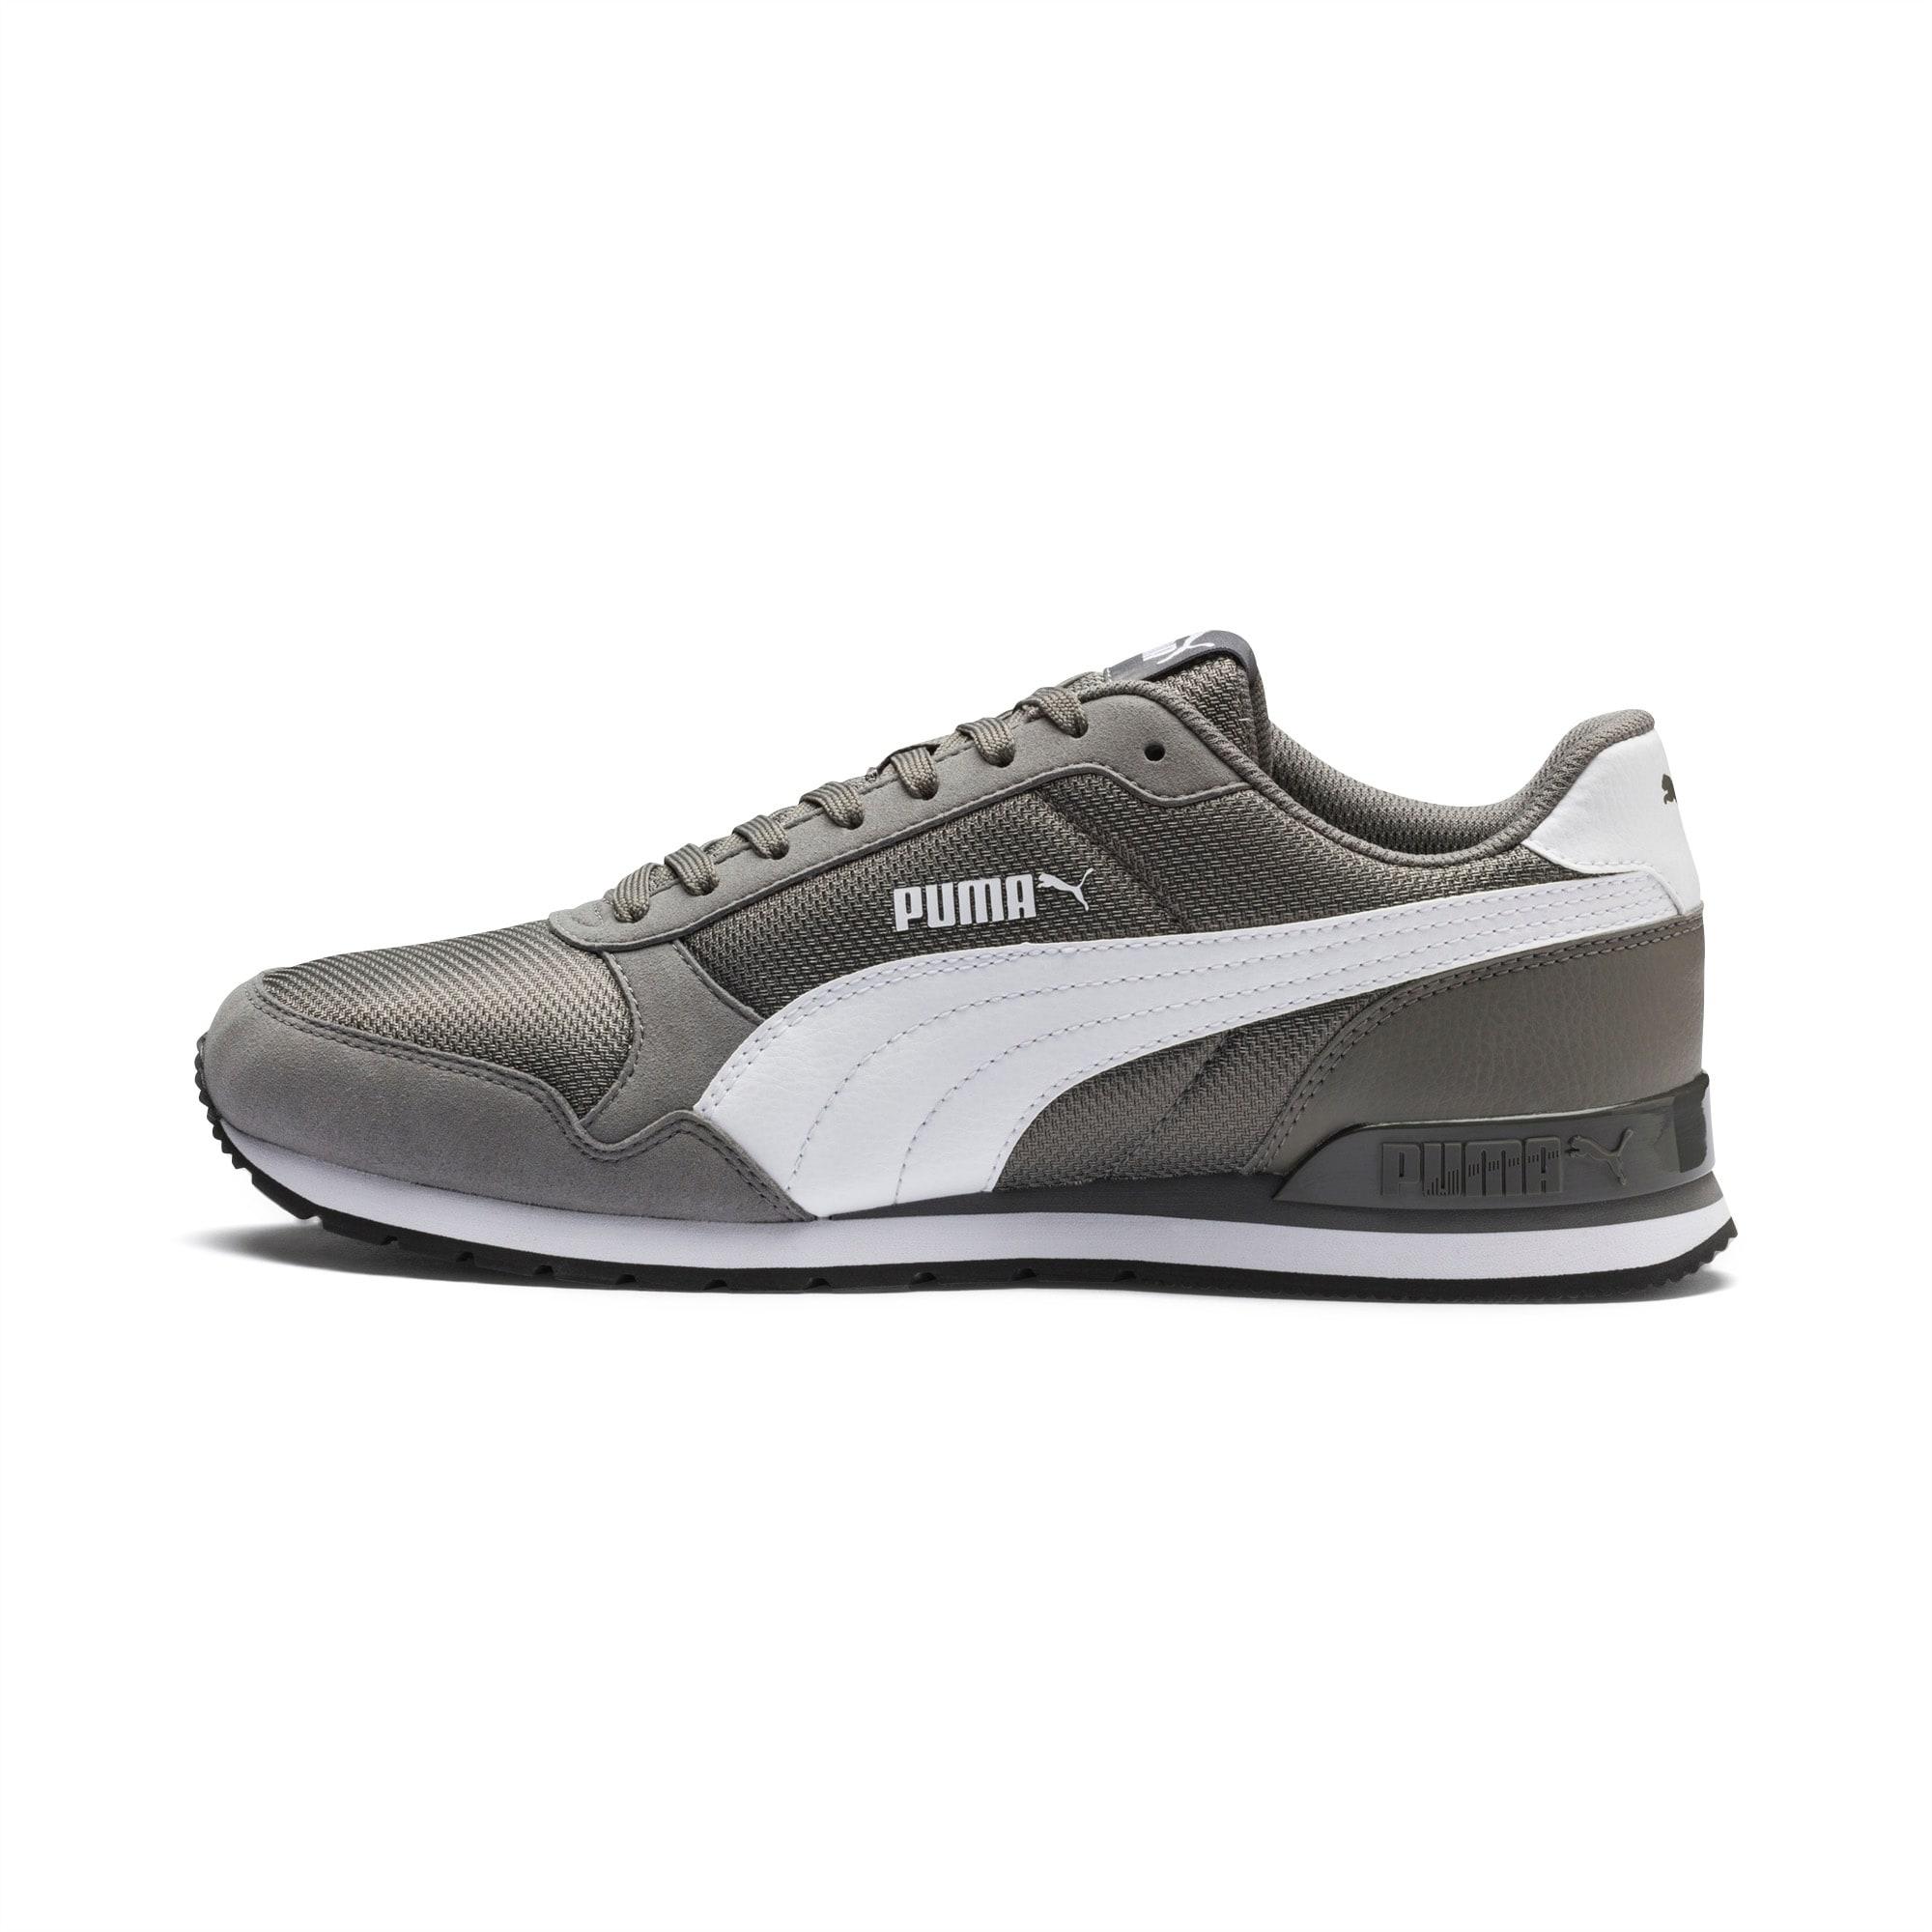 puma mesh shoes